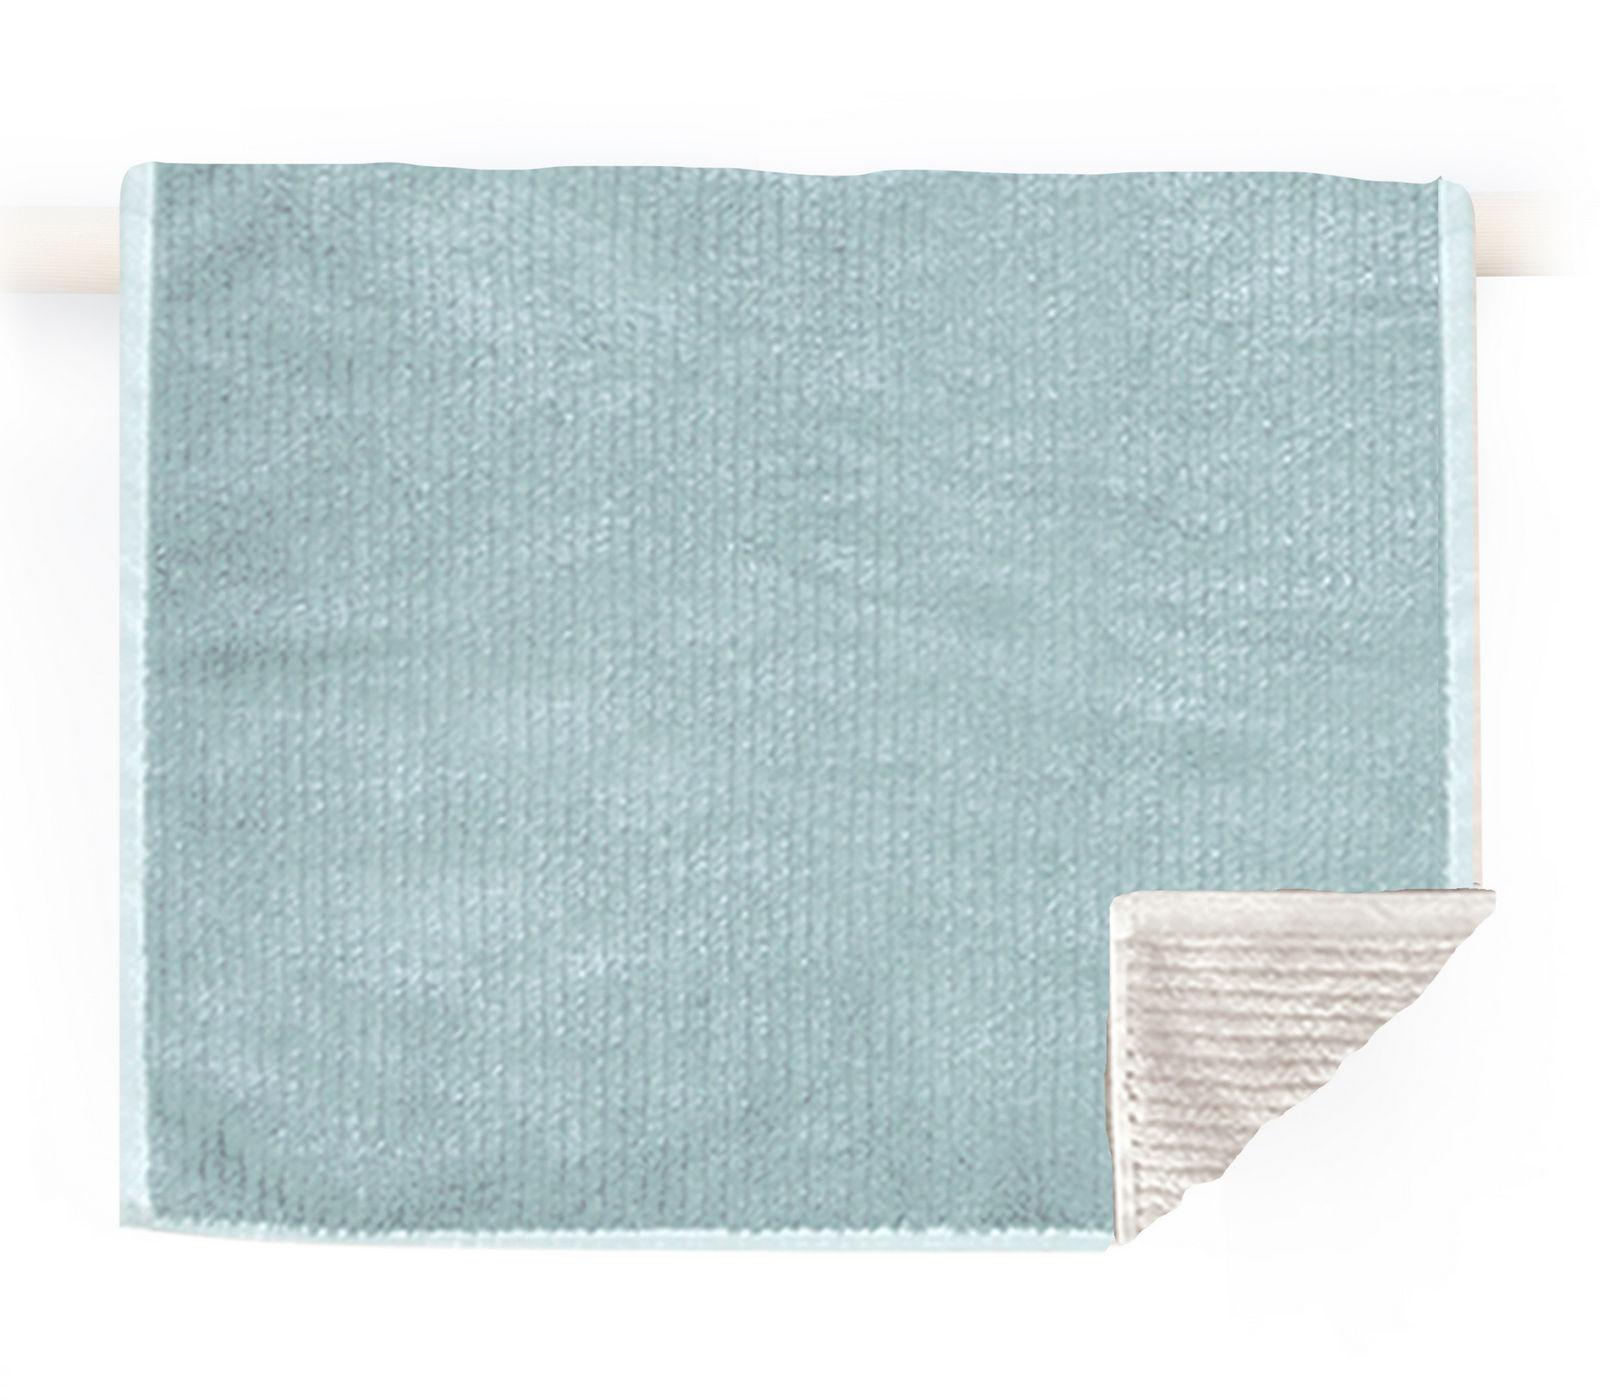 Πετσέτες Μπάνιου (Σετ 3 Τμχ) Nef Nef Ζακαρ Main Aqua